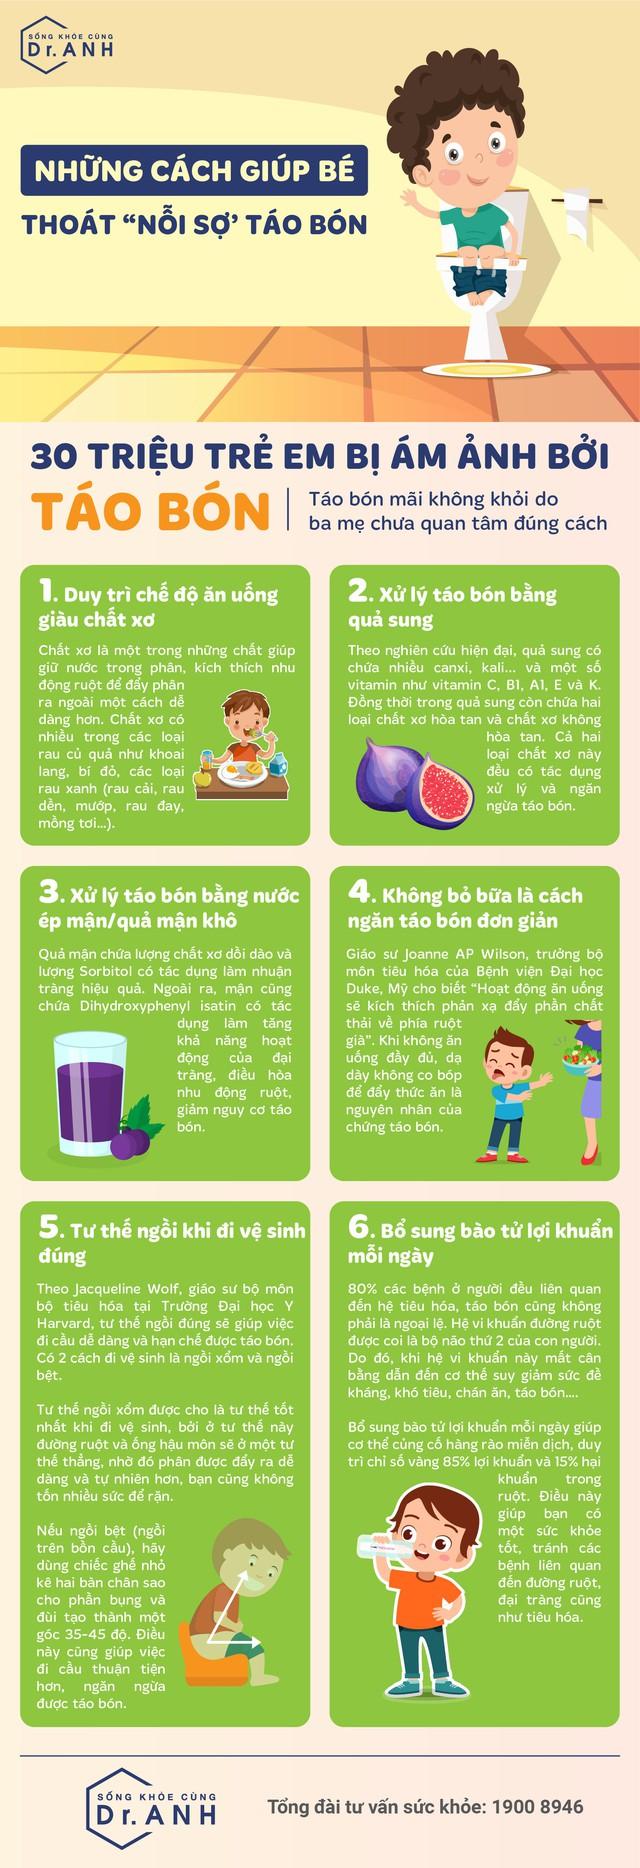 Những cách đơn giản giúp trẻ thoát nỗi sợ táo bón - Ảnh 1.